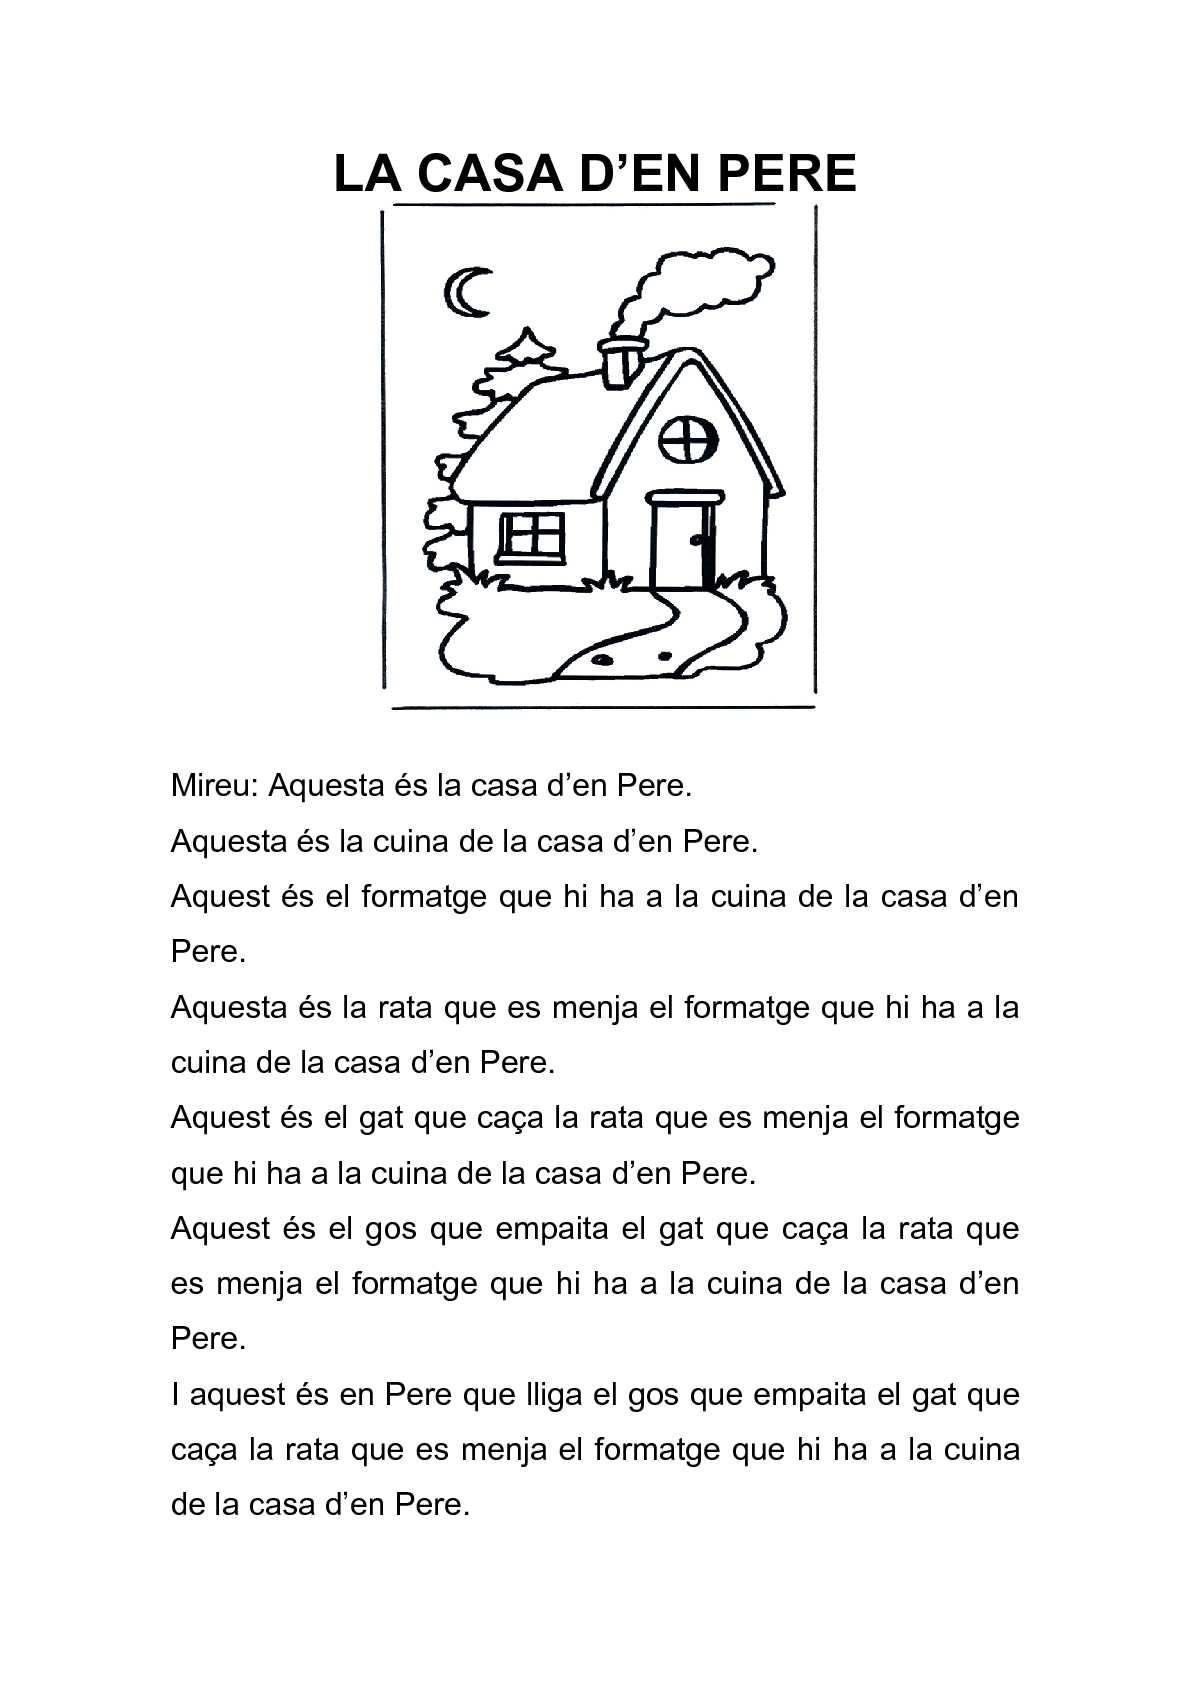 La casa d'en Pere